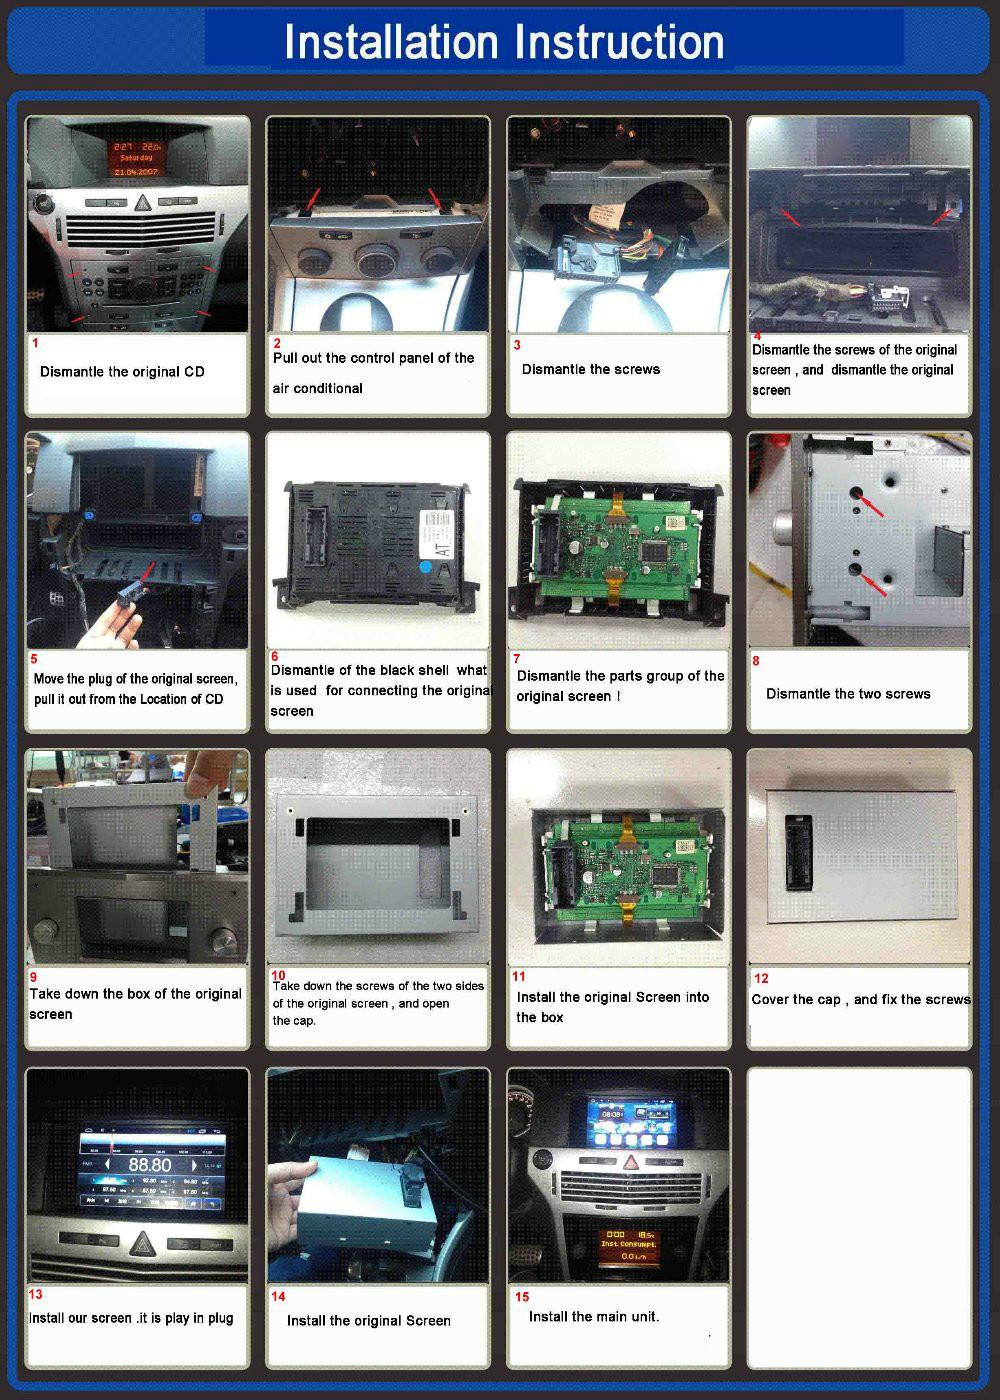 Installlation-Instruction-menu-2610-s